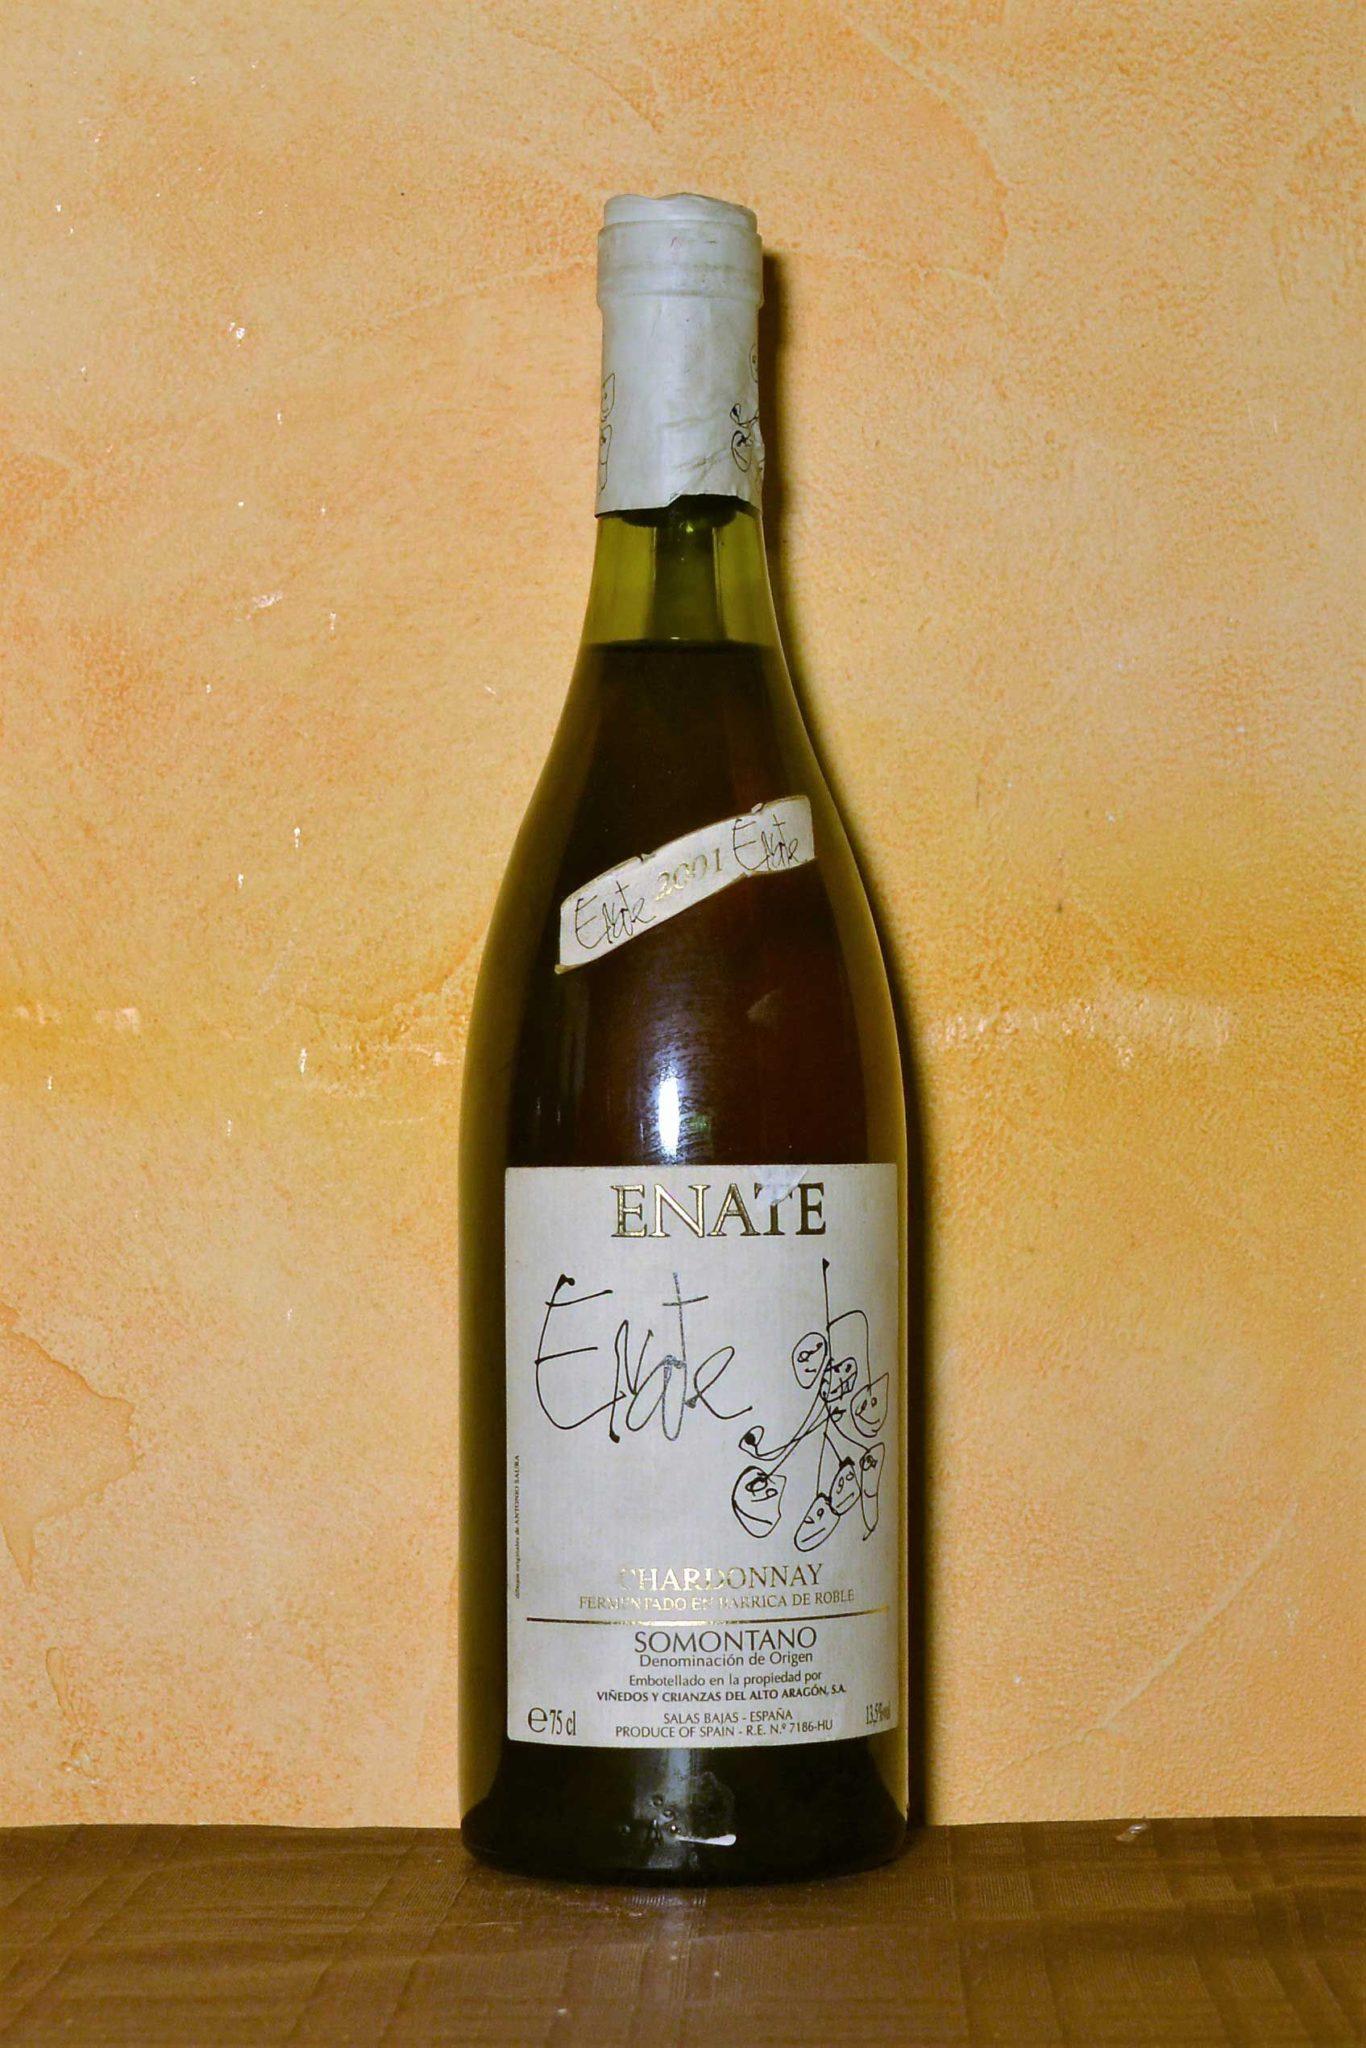 Enate White Chardonnay 2001